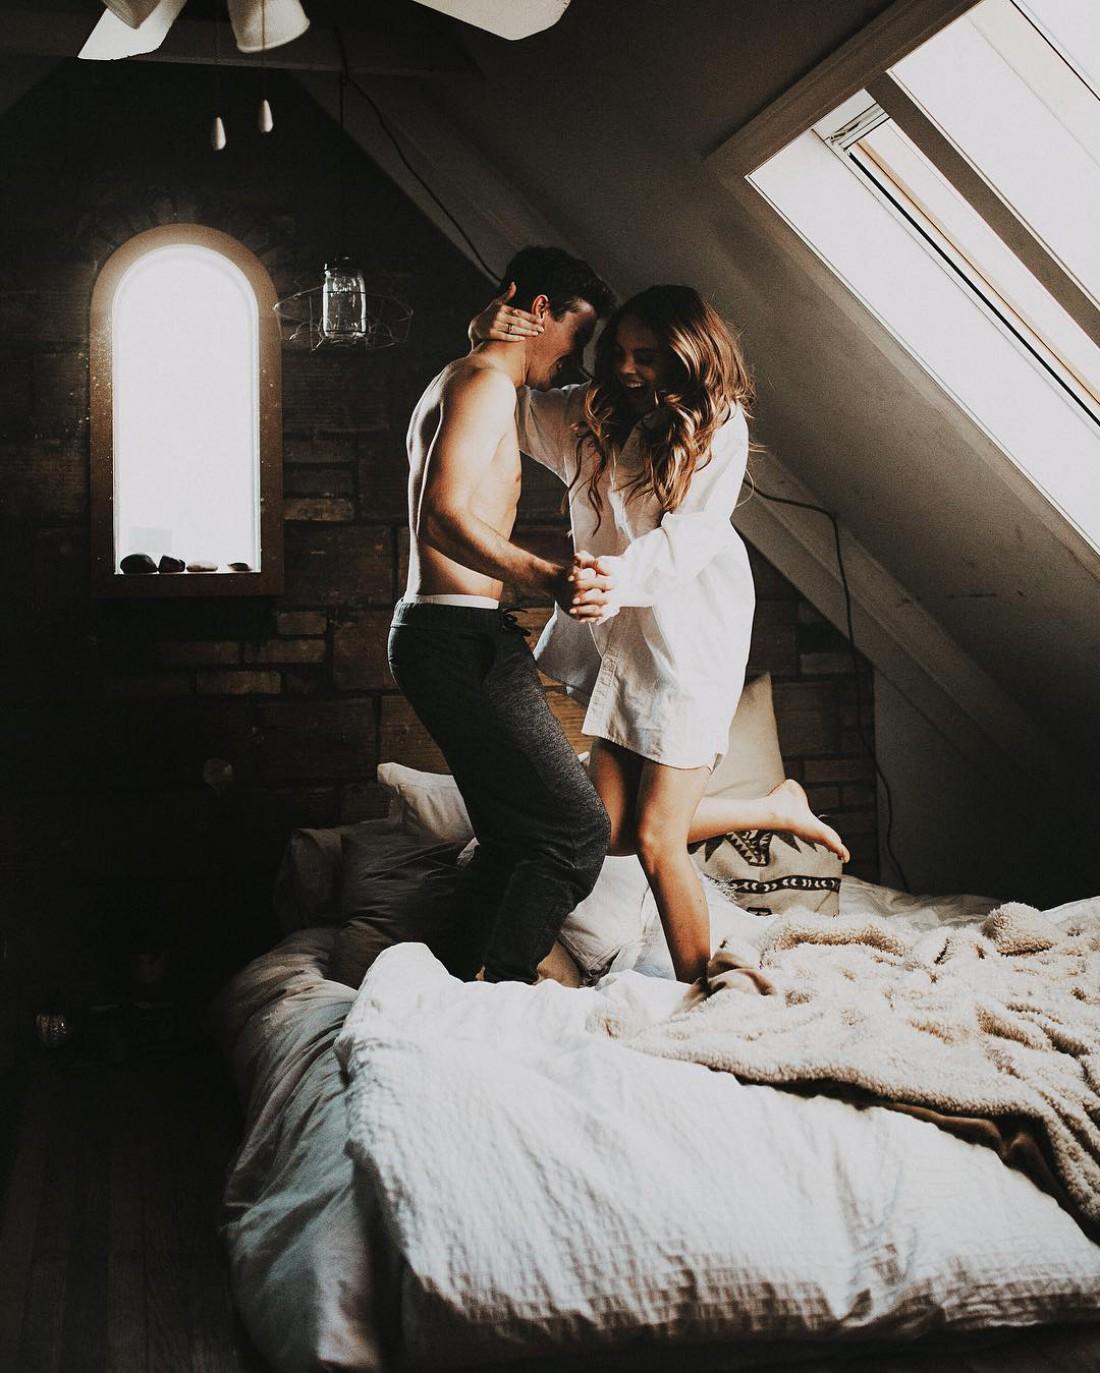 Спальня предназначена не только для секса